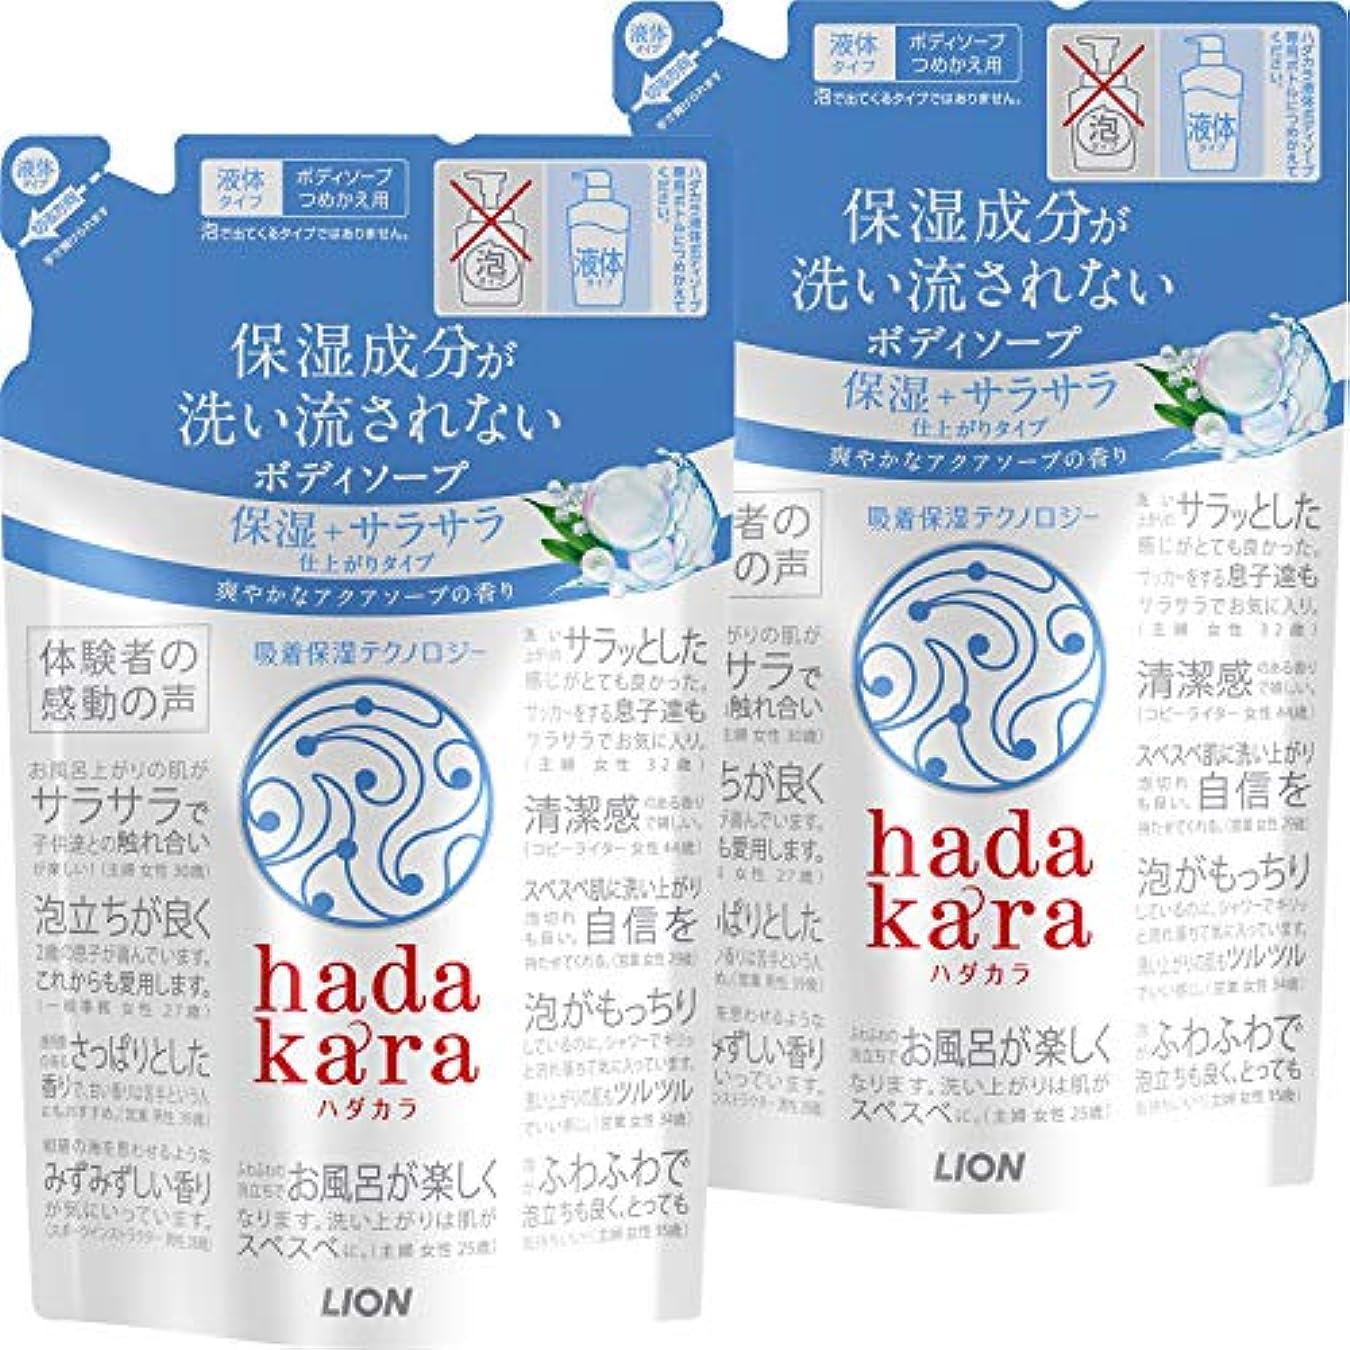 偽善者オセアニア先駆者hadakara(ハダカラ)ボディソープ 保湿+サラサラ仕上がりタイプ アクアソープの香り つめかえ用 340ml×2個パック